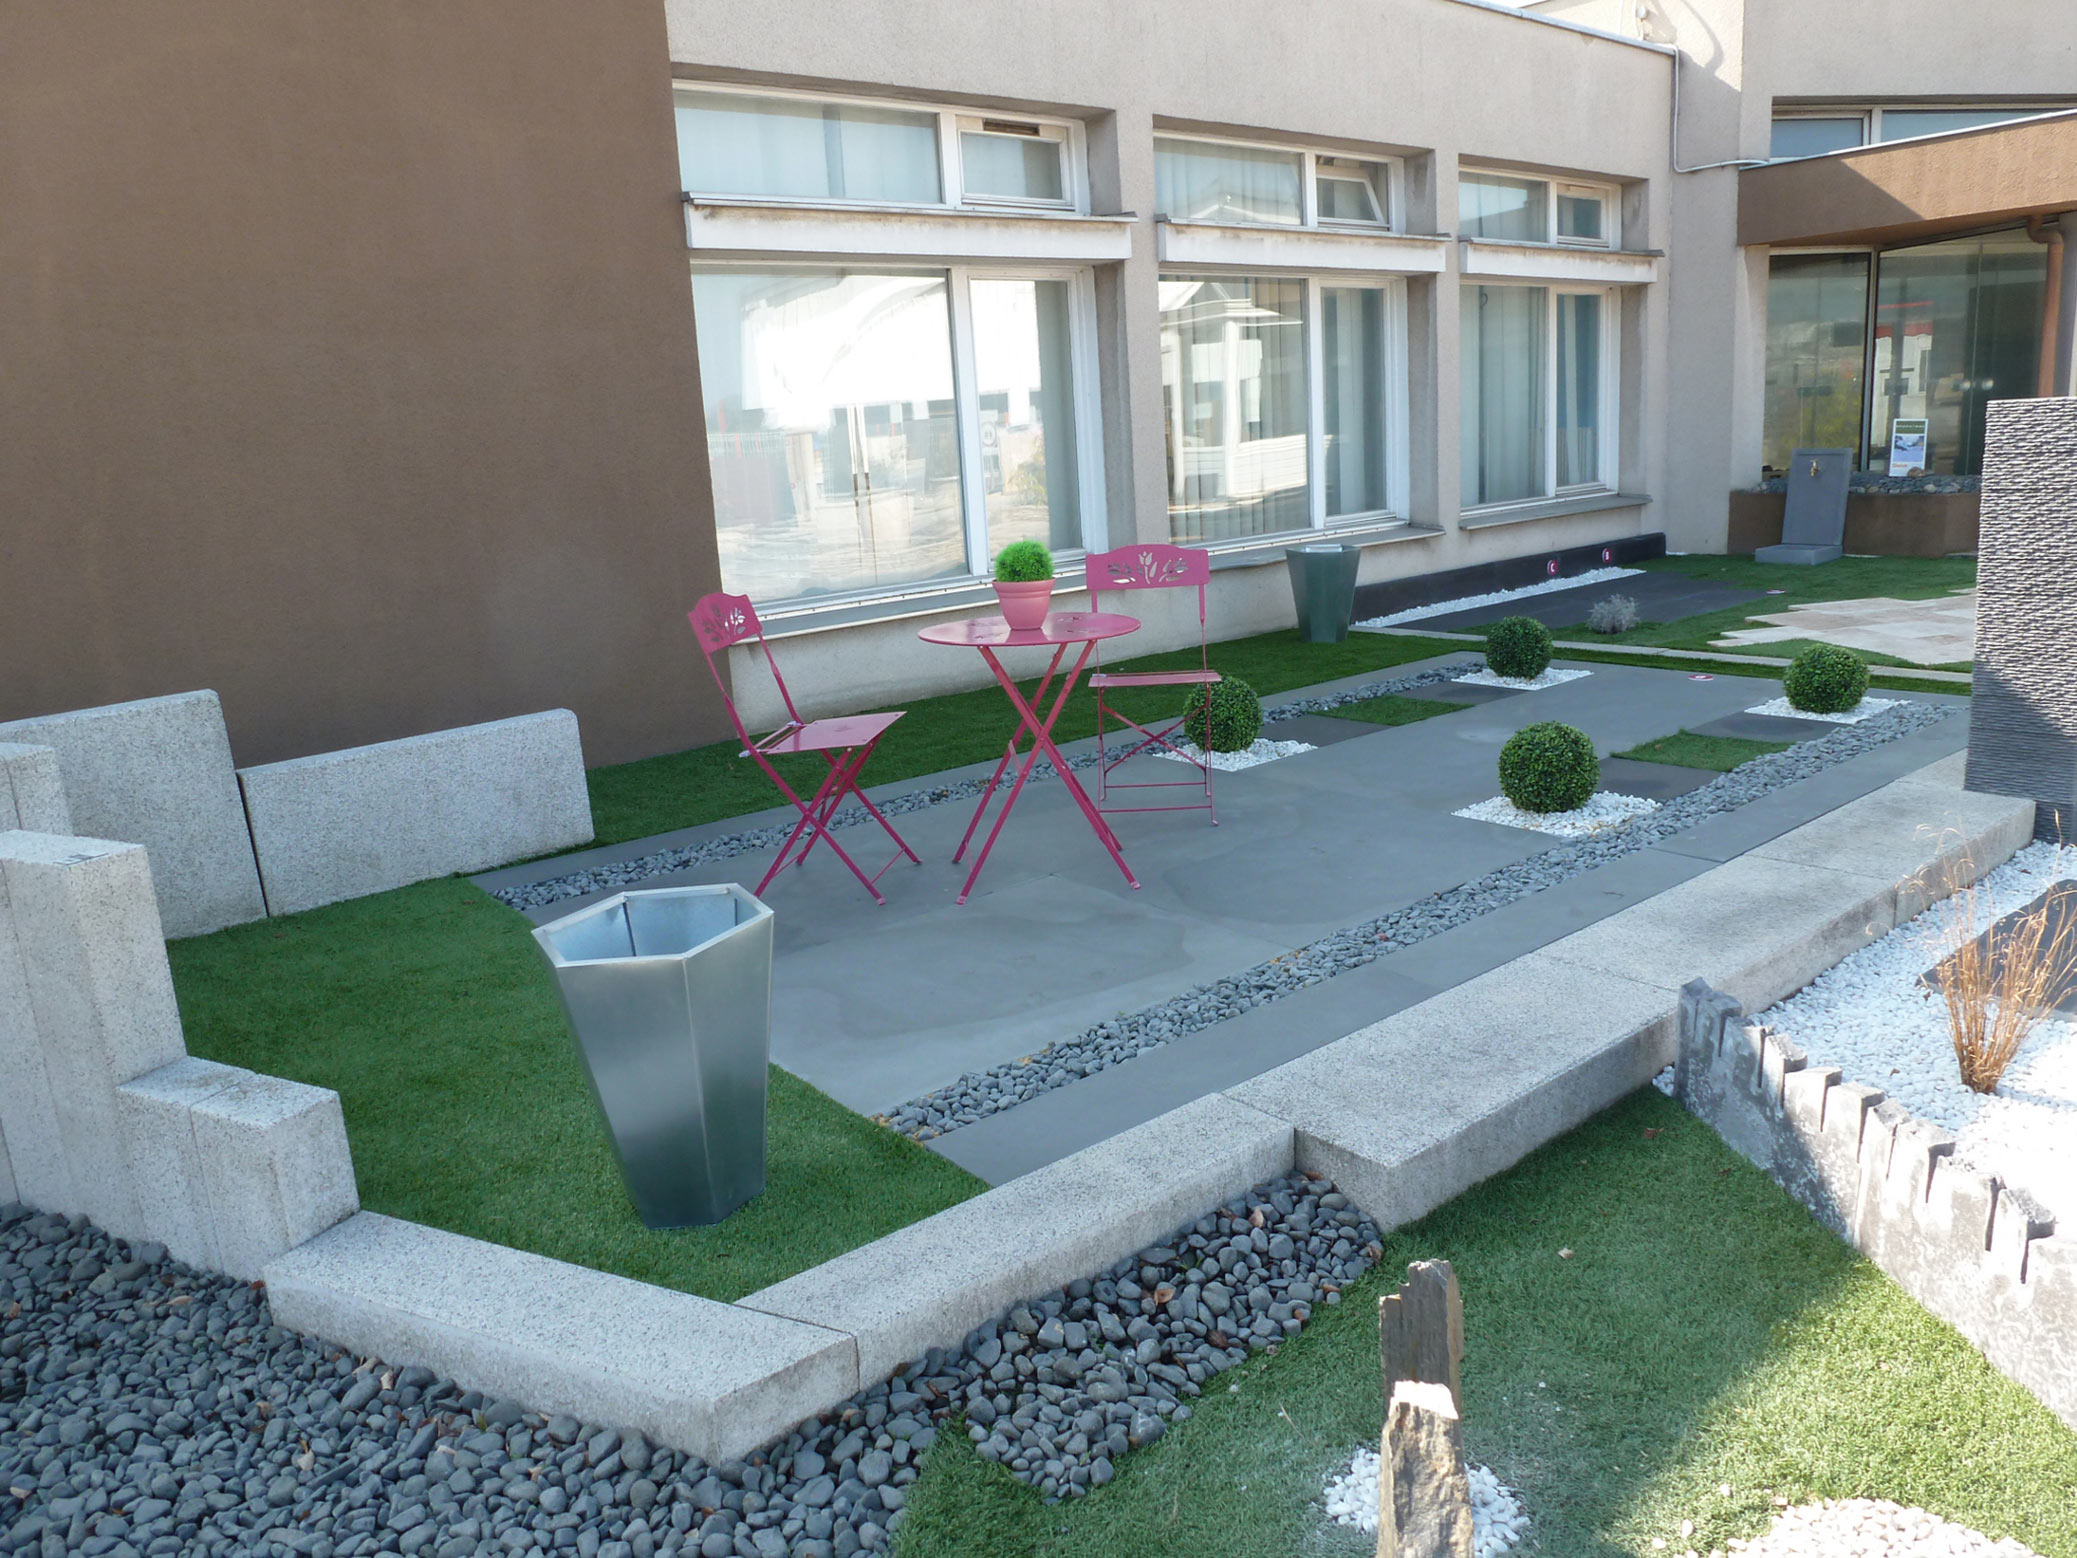 Aménagement Extérieur Entrée Maison aménagement de terrasses et jardins, création - kalistâ, le